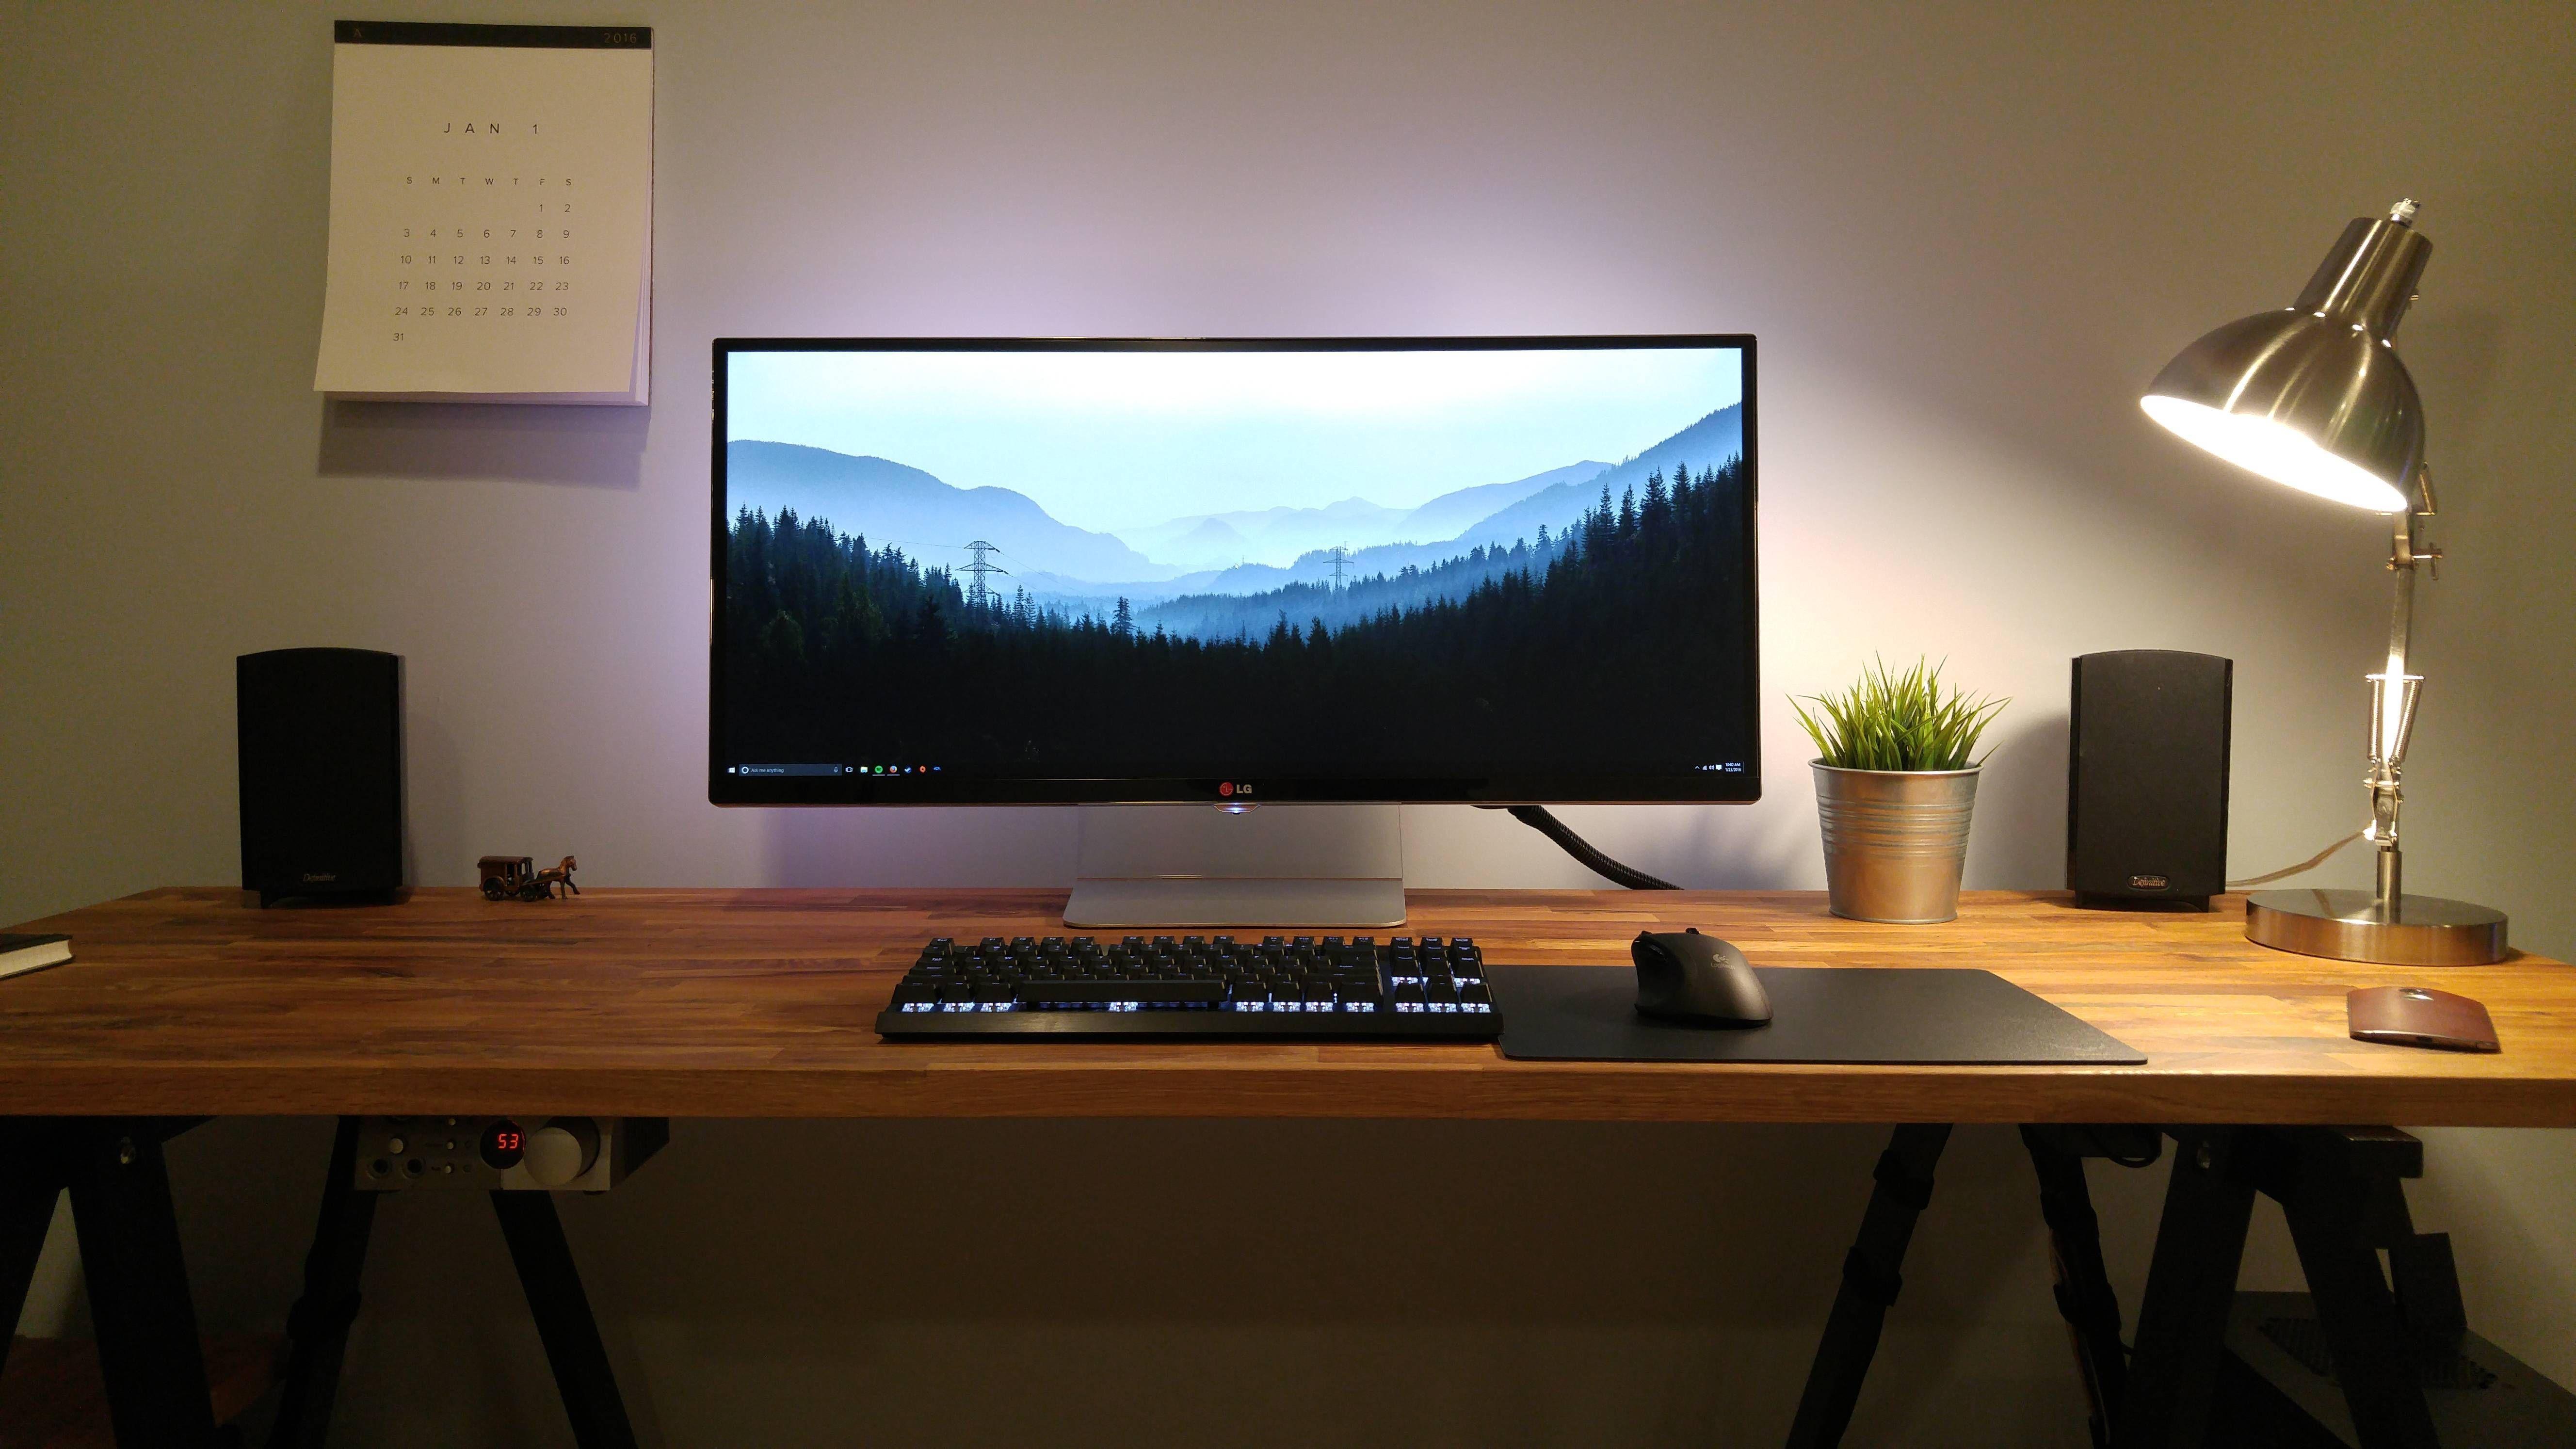 Stylish Office Desk Setup Desk Setup Pc Desk Home Office Setup